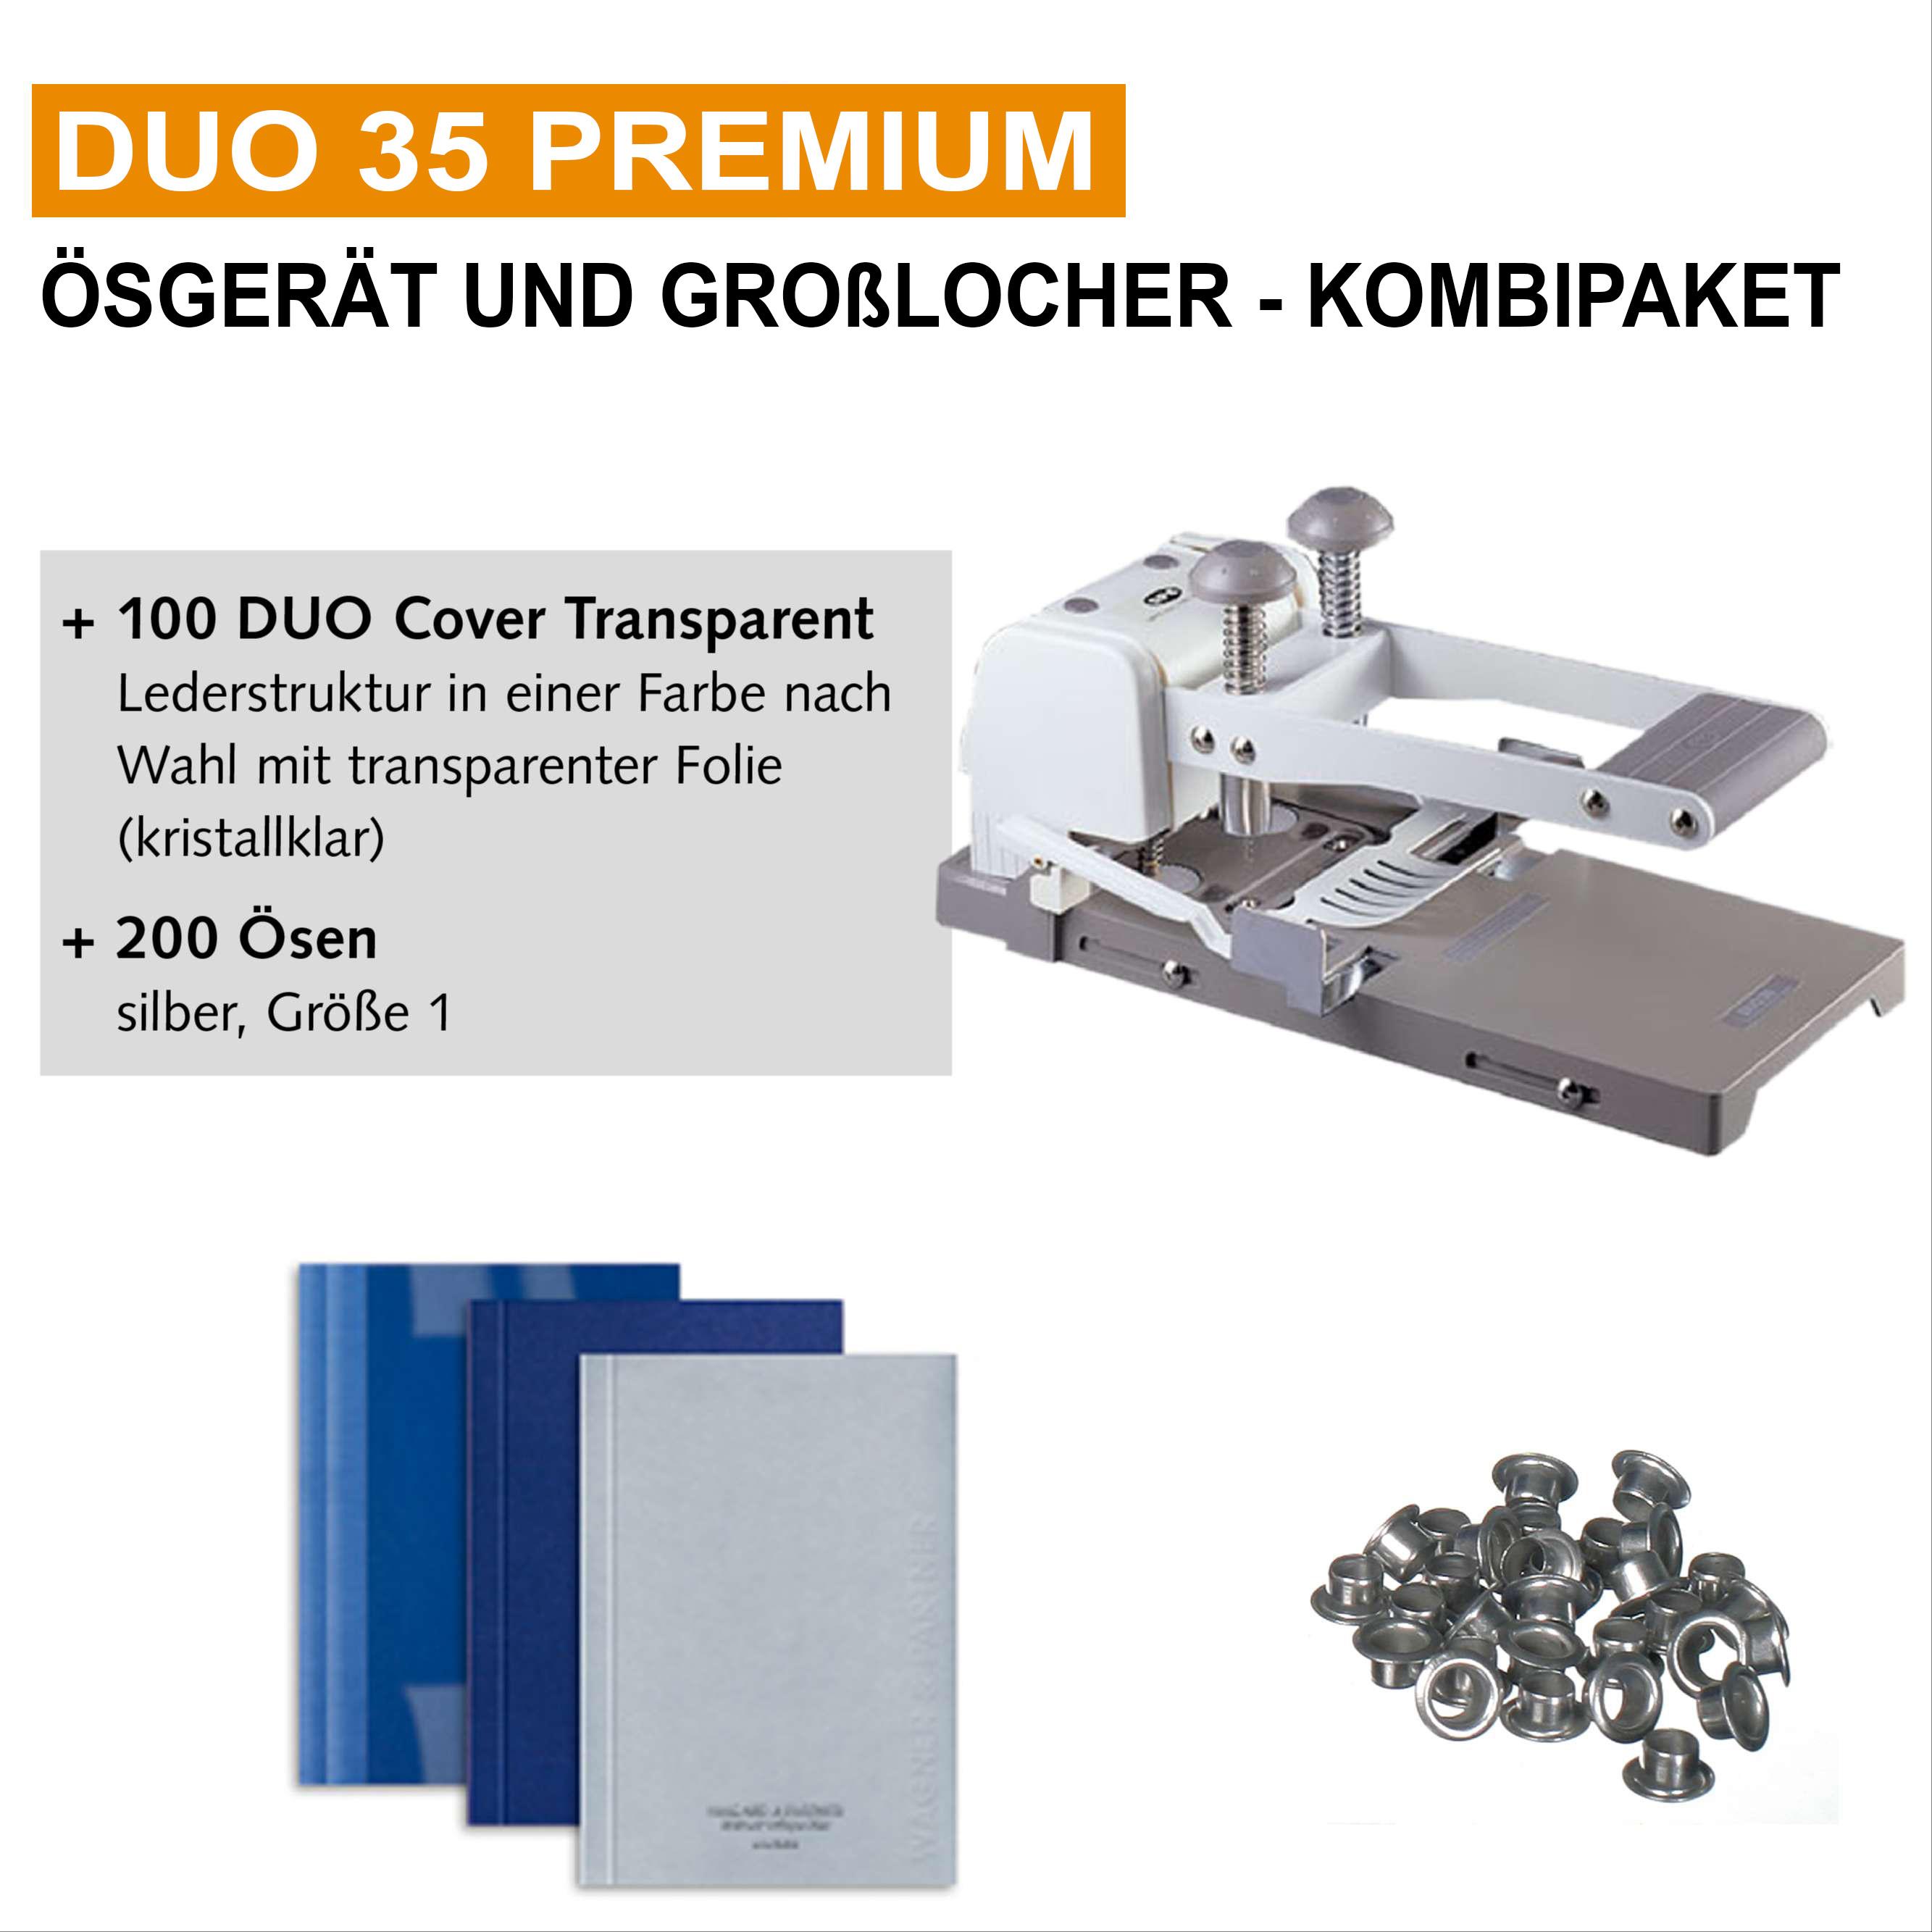 DUO 35 Premium Kombipaket